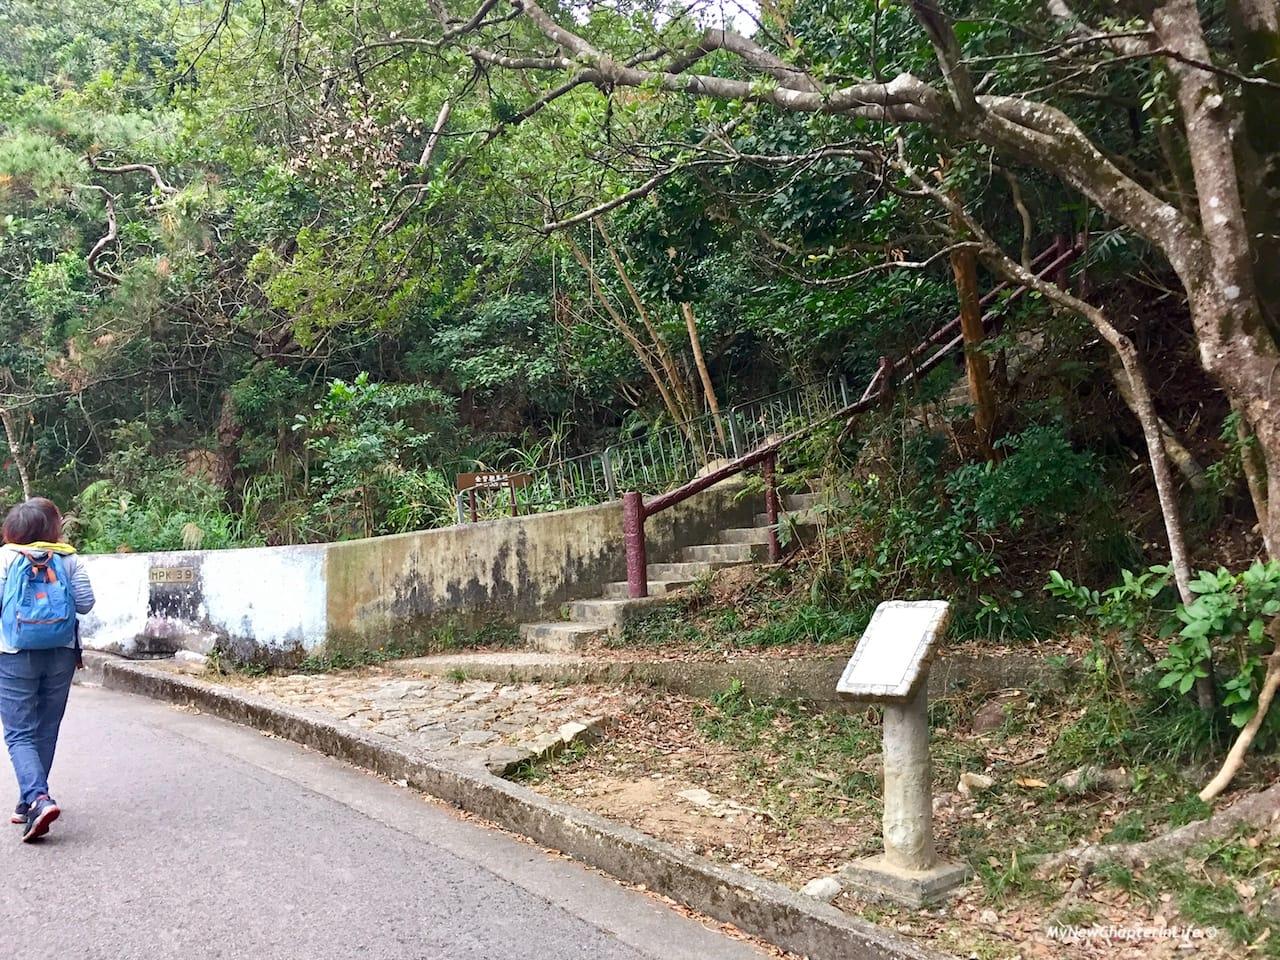 頗俱挑戰性的梯級入口 Another more challenging entrance with steps all the way